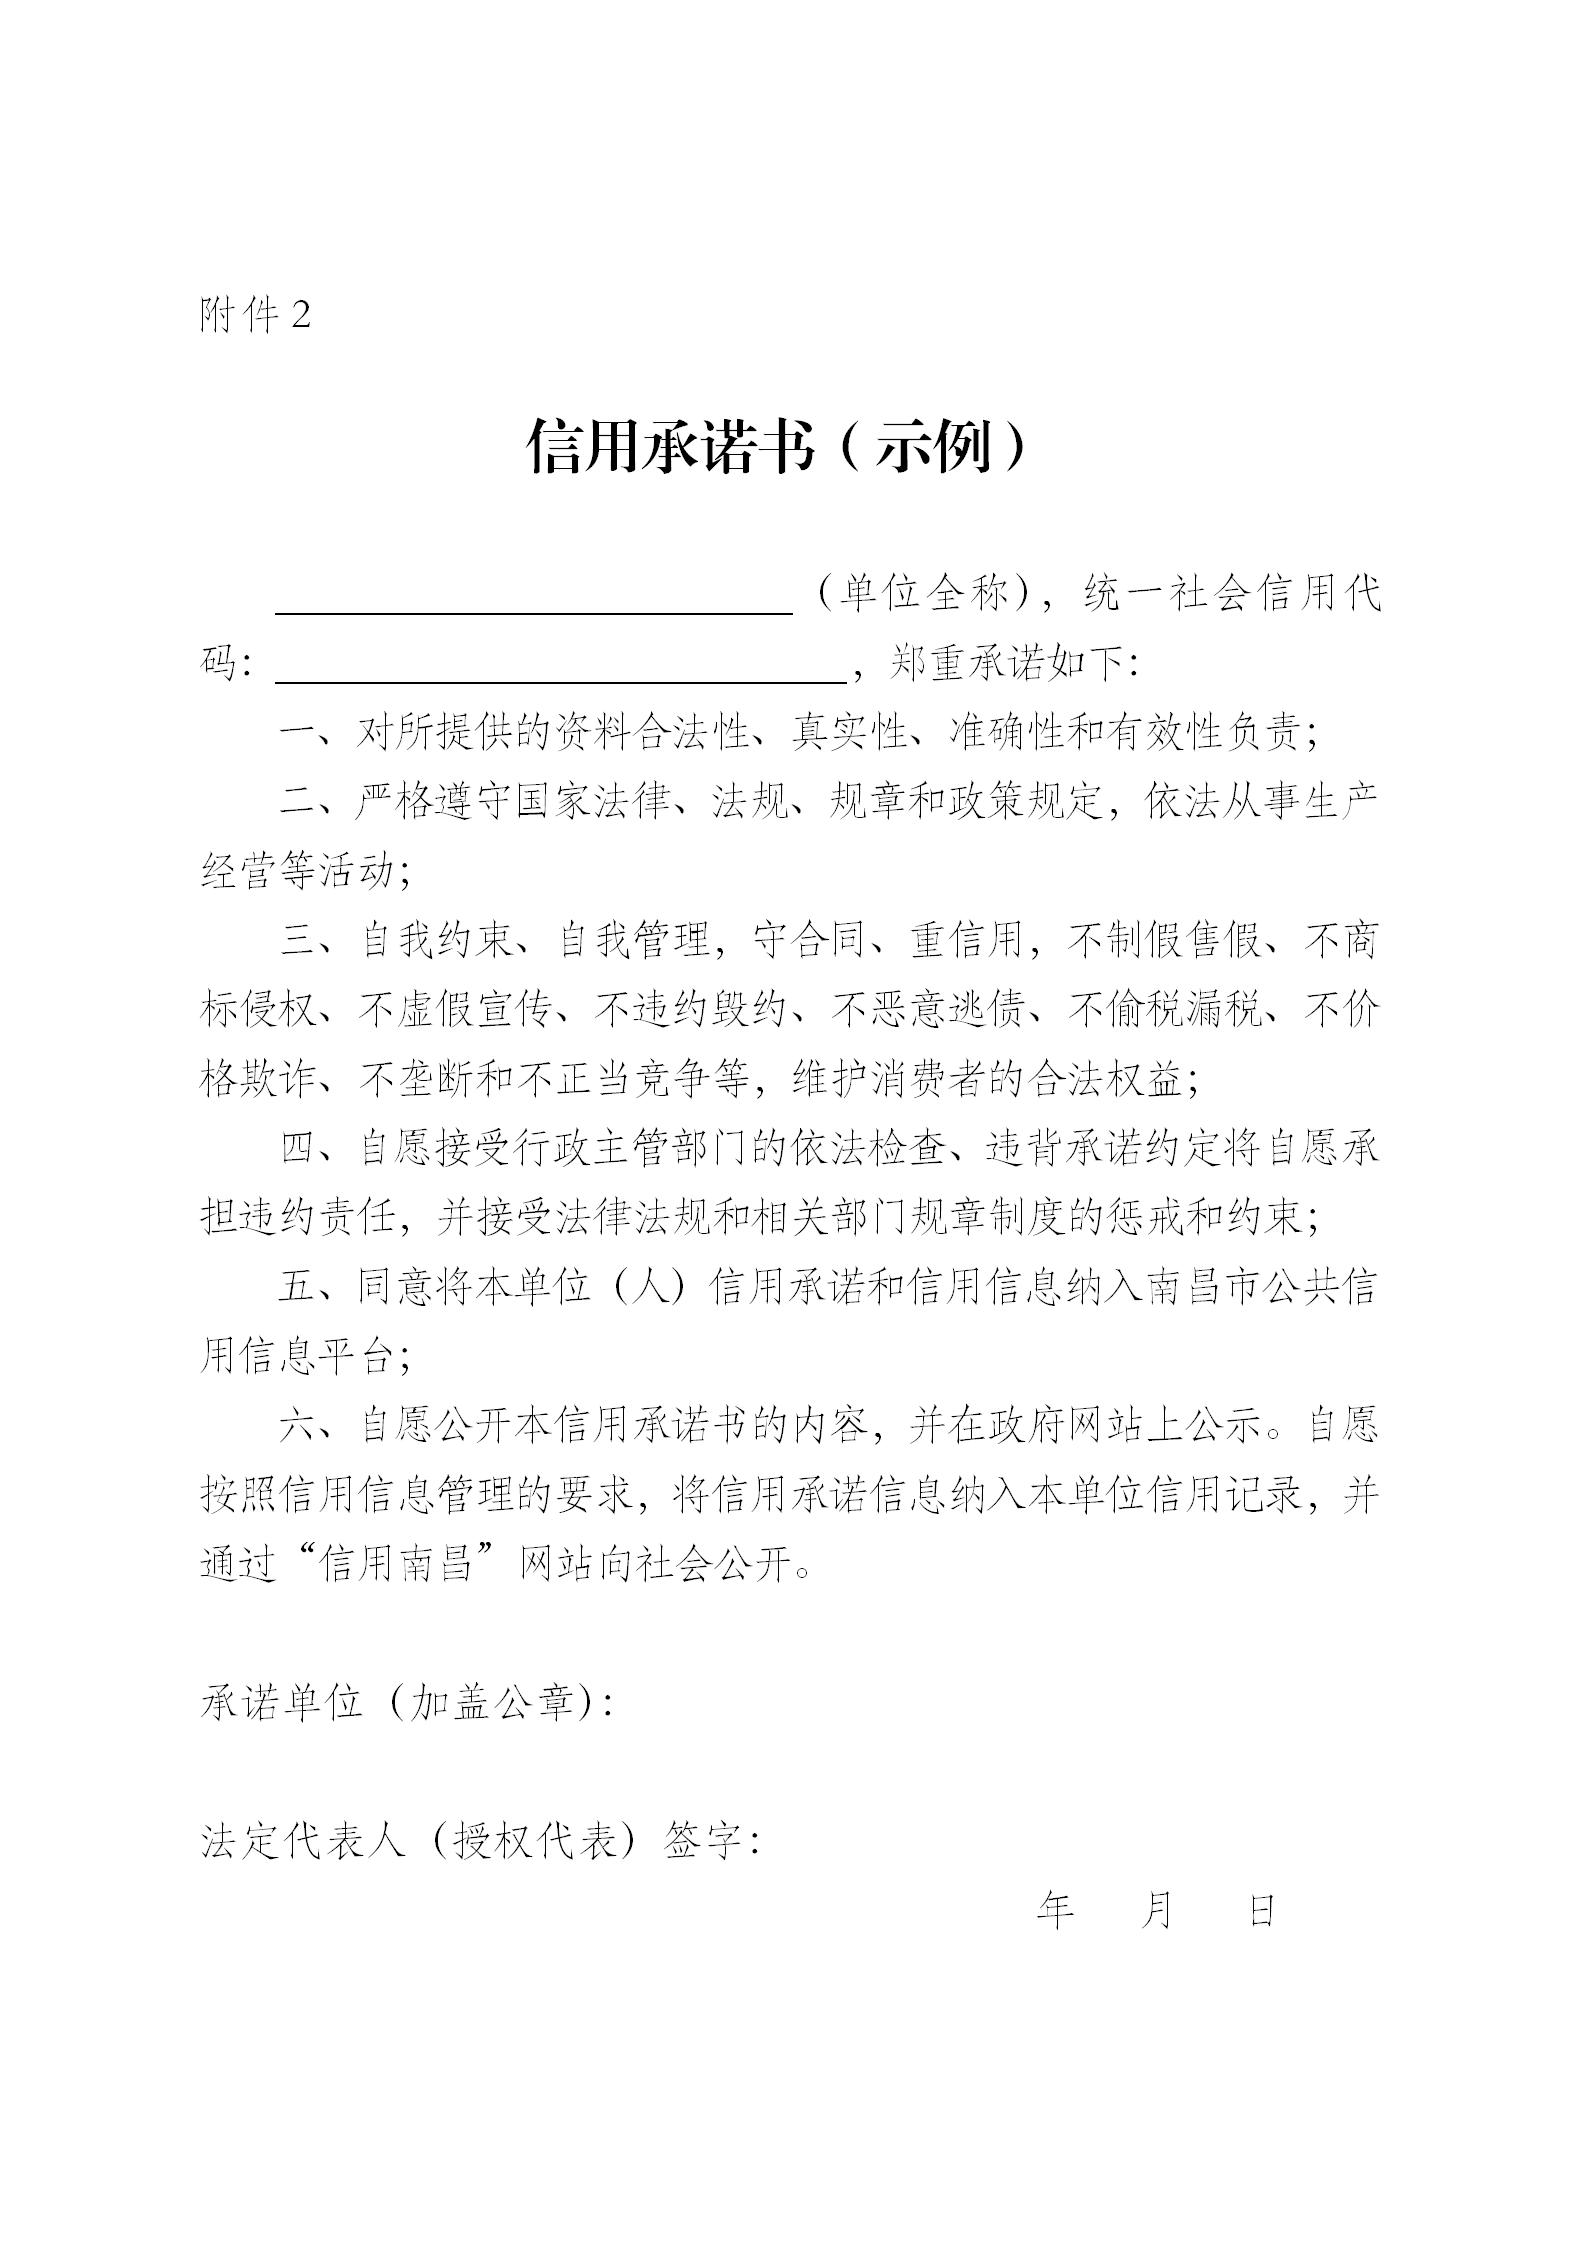 南昌市民政局关于开展行业协会商会诚信自律承诺工作的通知(20200827)_05.png